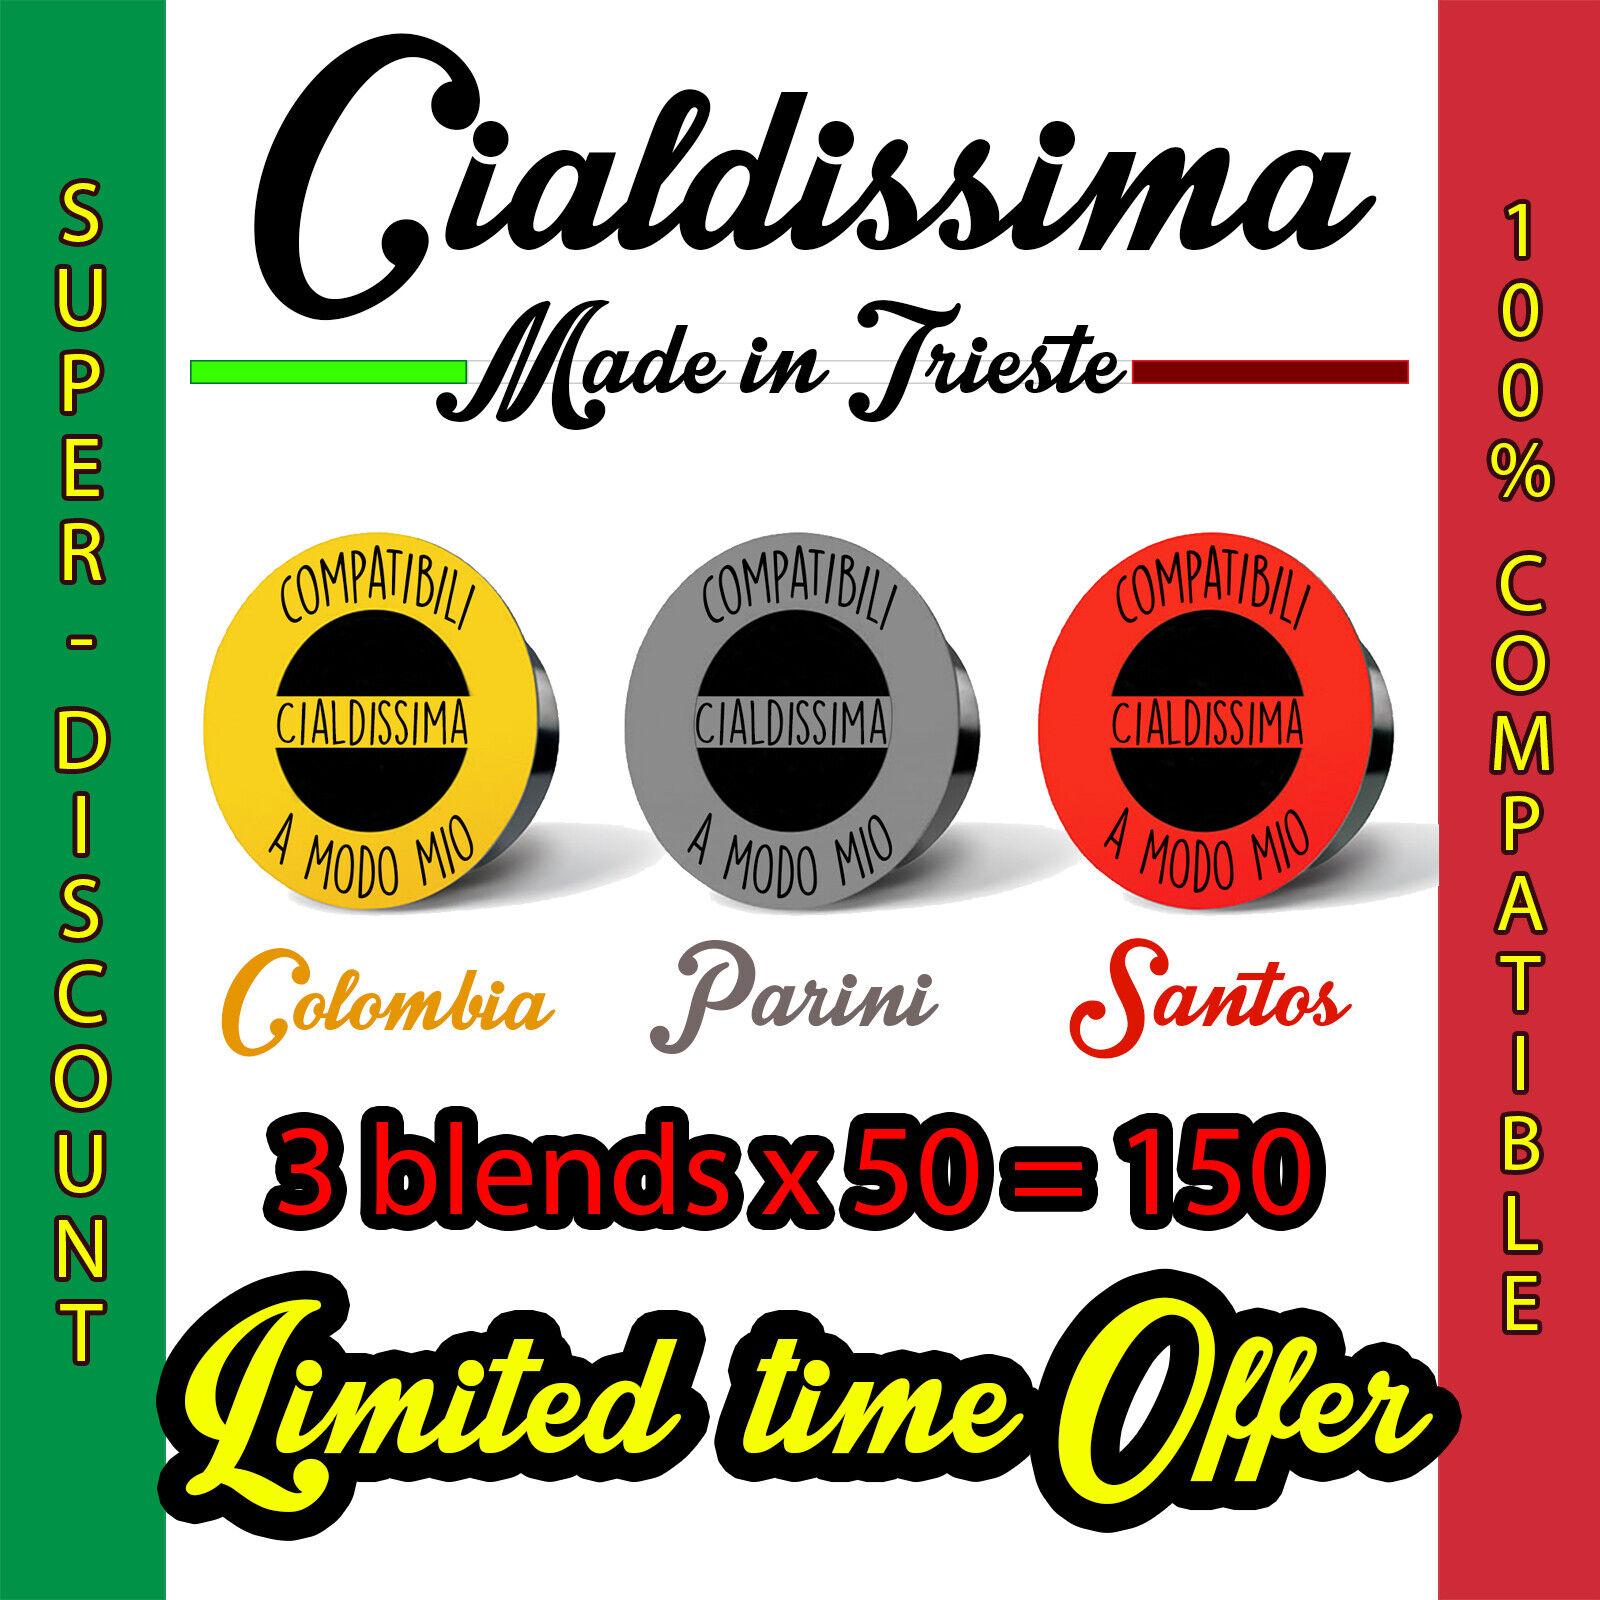 cialdissima 150 CAPSULES COMPATIBLE LAVAZZA A MODO MIO COFFEE! ITALIAN ESPRESSO! THREE DIFFERENT BLENDS! 3x 50 MIXED PACK